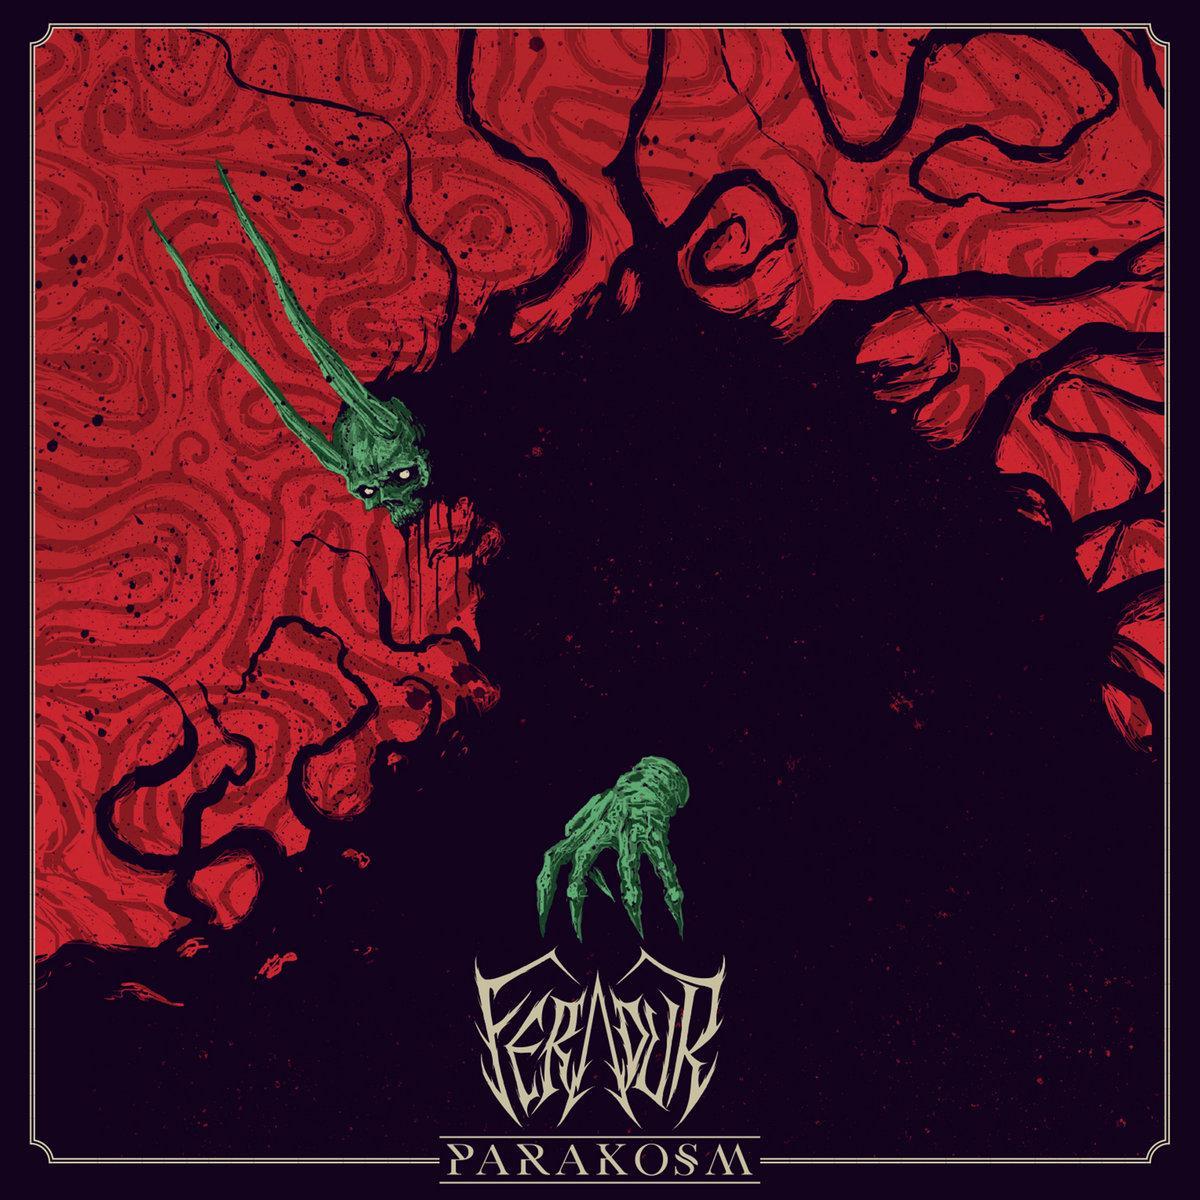 Chronique d'album : FERADUR (Death Melodique),